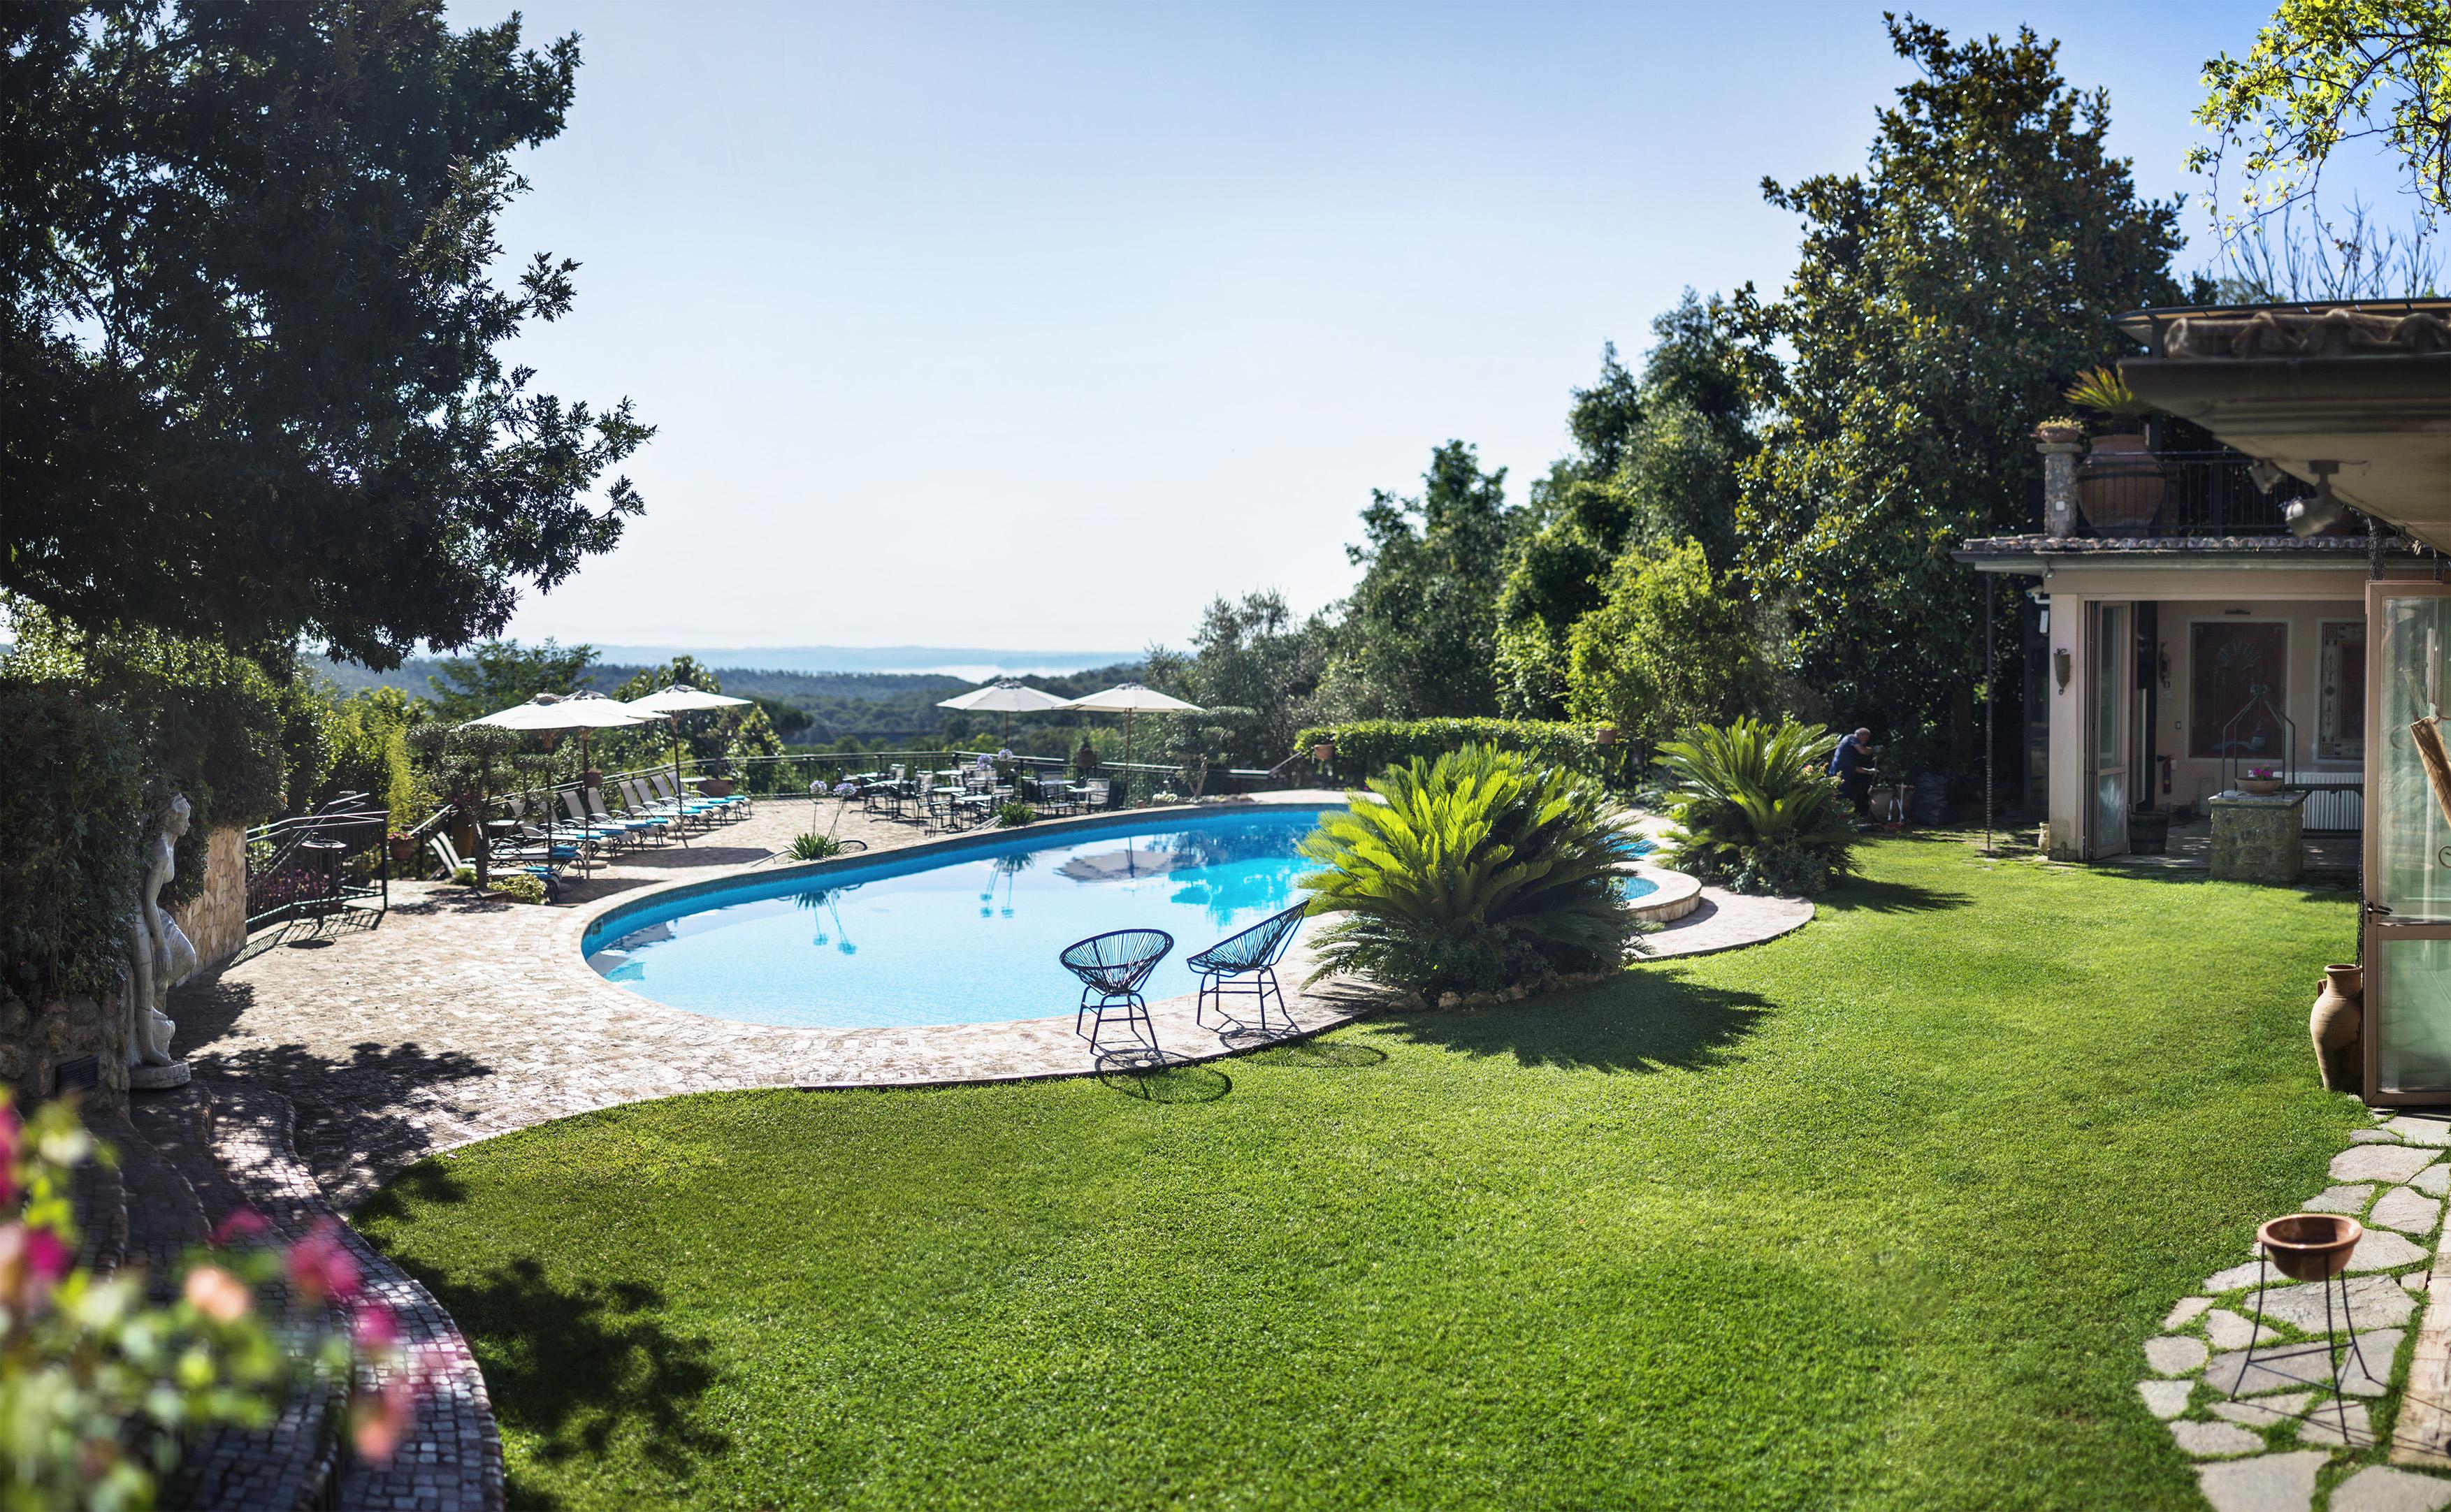 Affascinante Villa d' Epoca dove potrai celebrare il tuo matrimonio... Villa Clodia Relais.